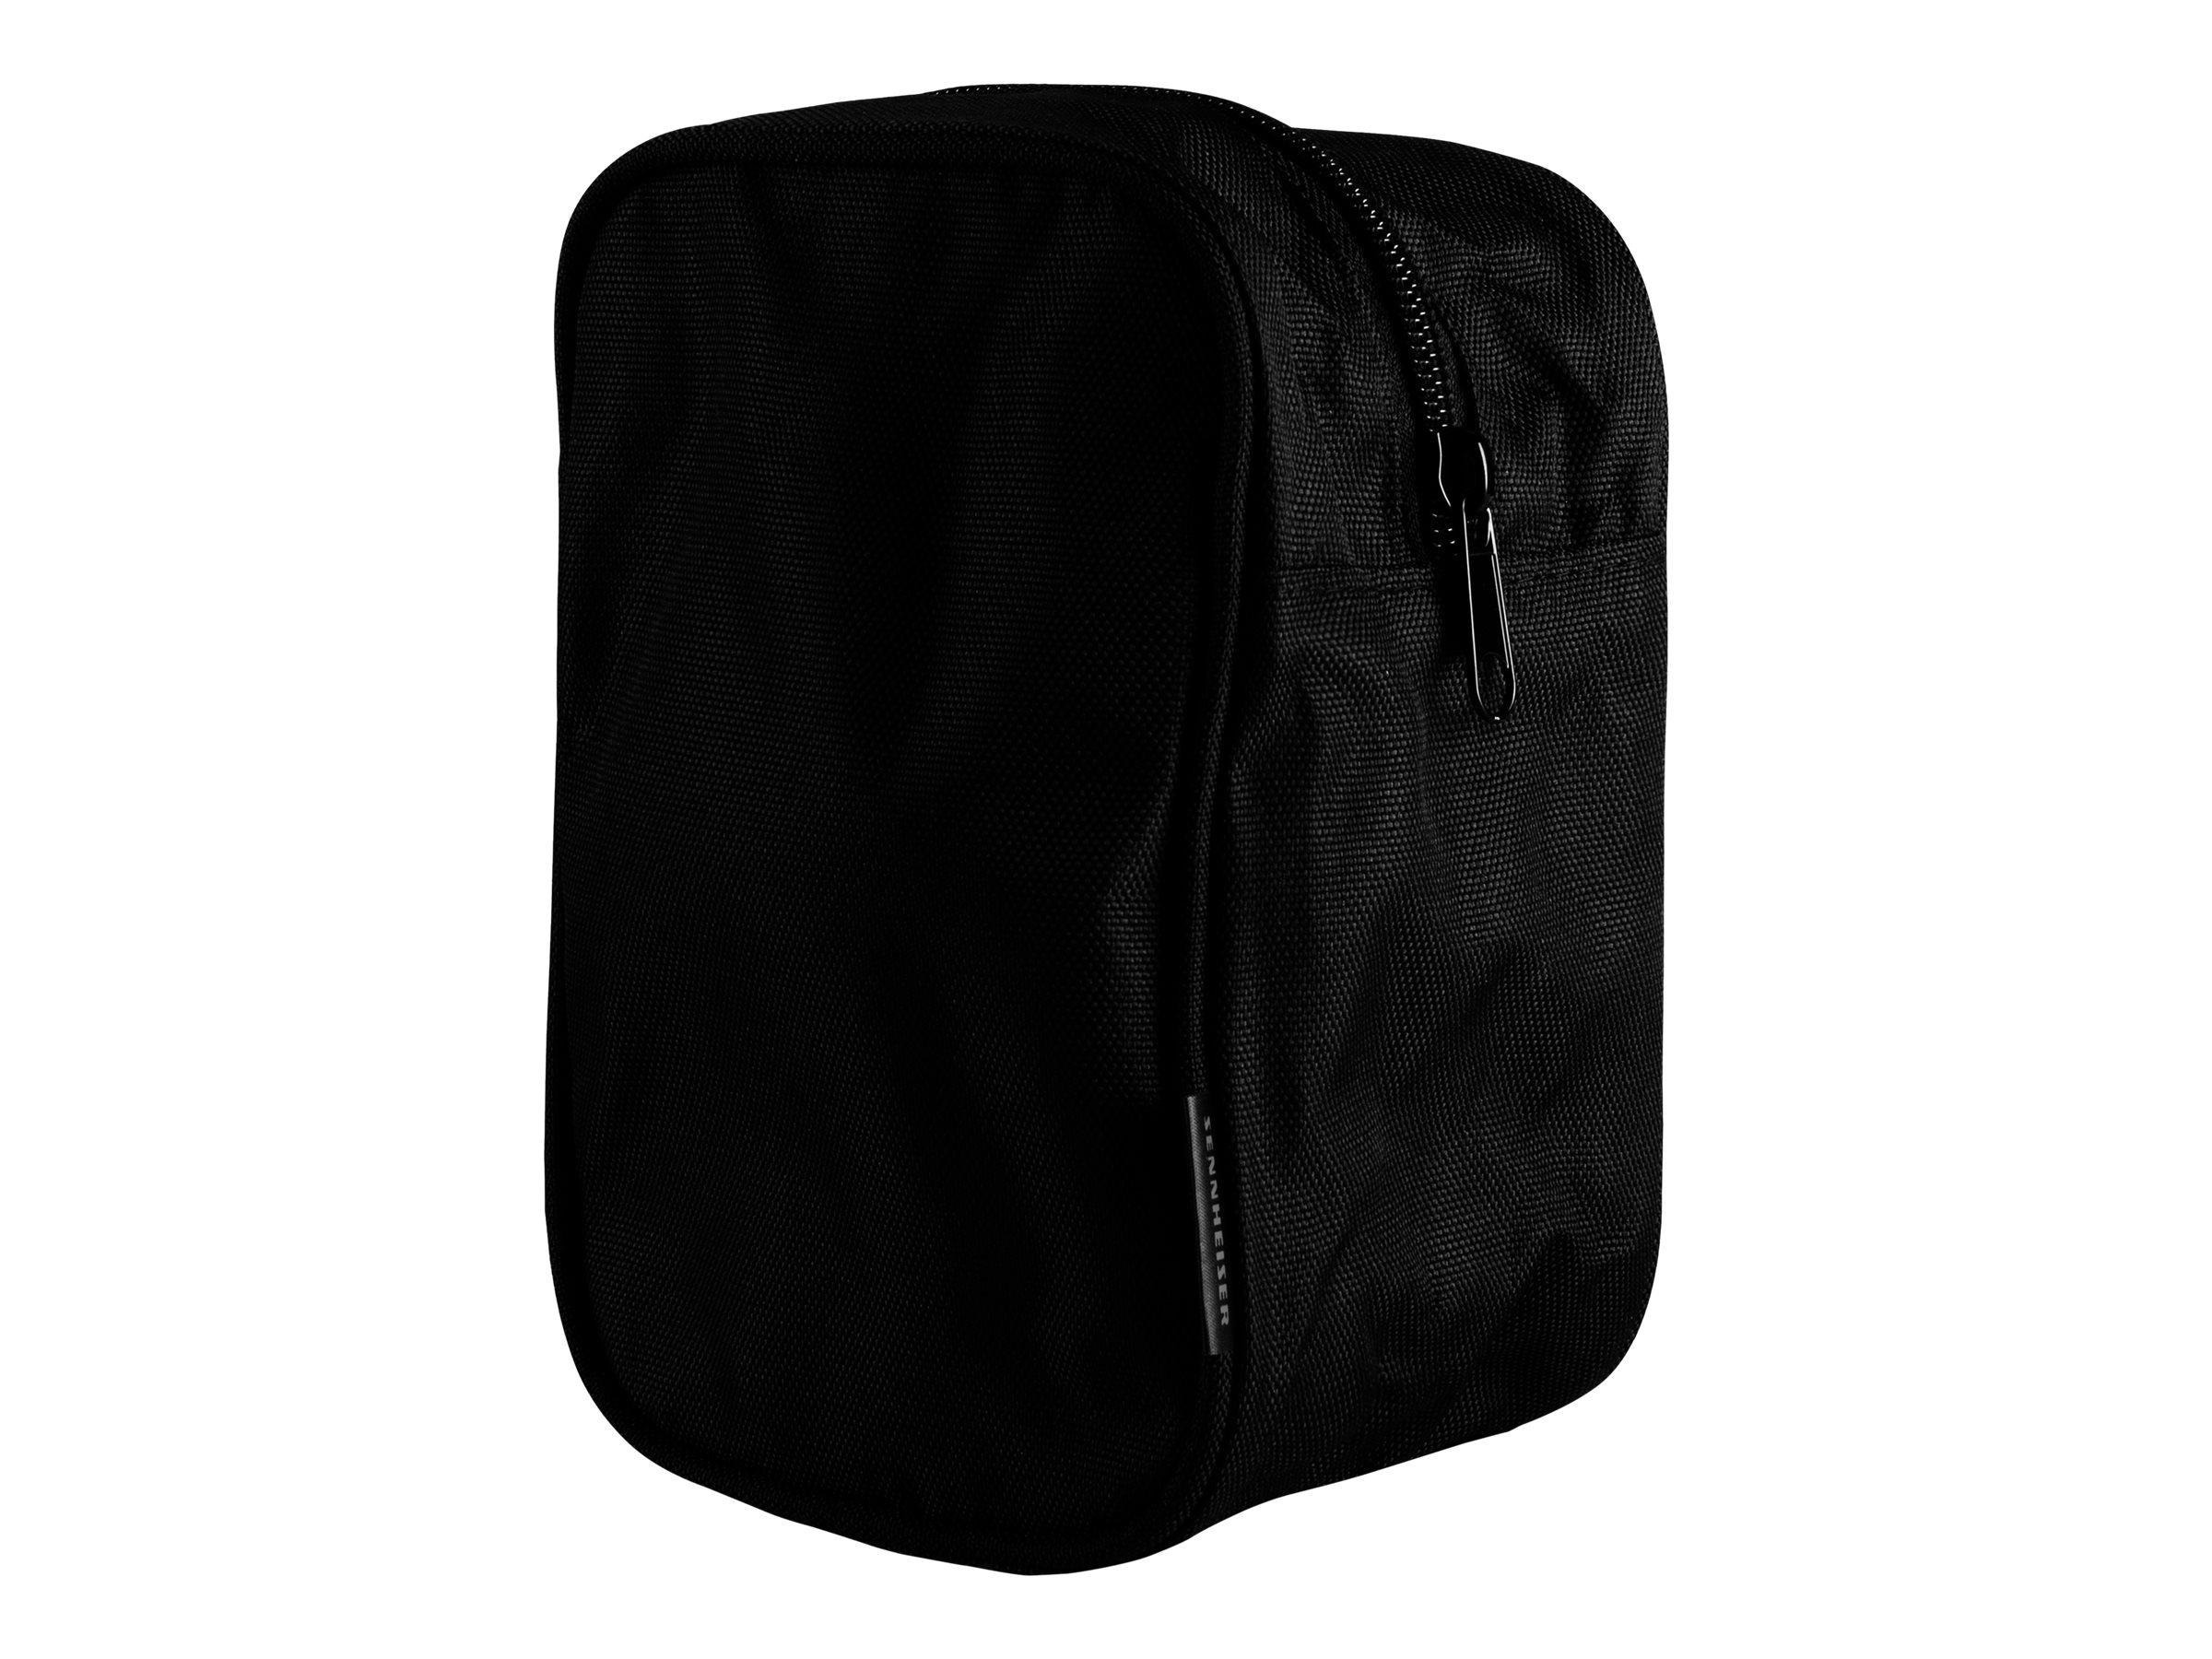 EPOS I SENNHEISER - Tasche für Headset - für ADAPT 360; IMPACT MB 360 UC; Sennheiser HD 4.50 BTNC Wireless